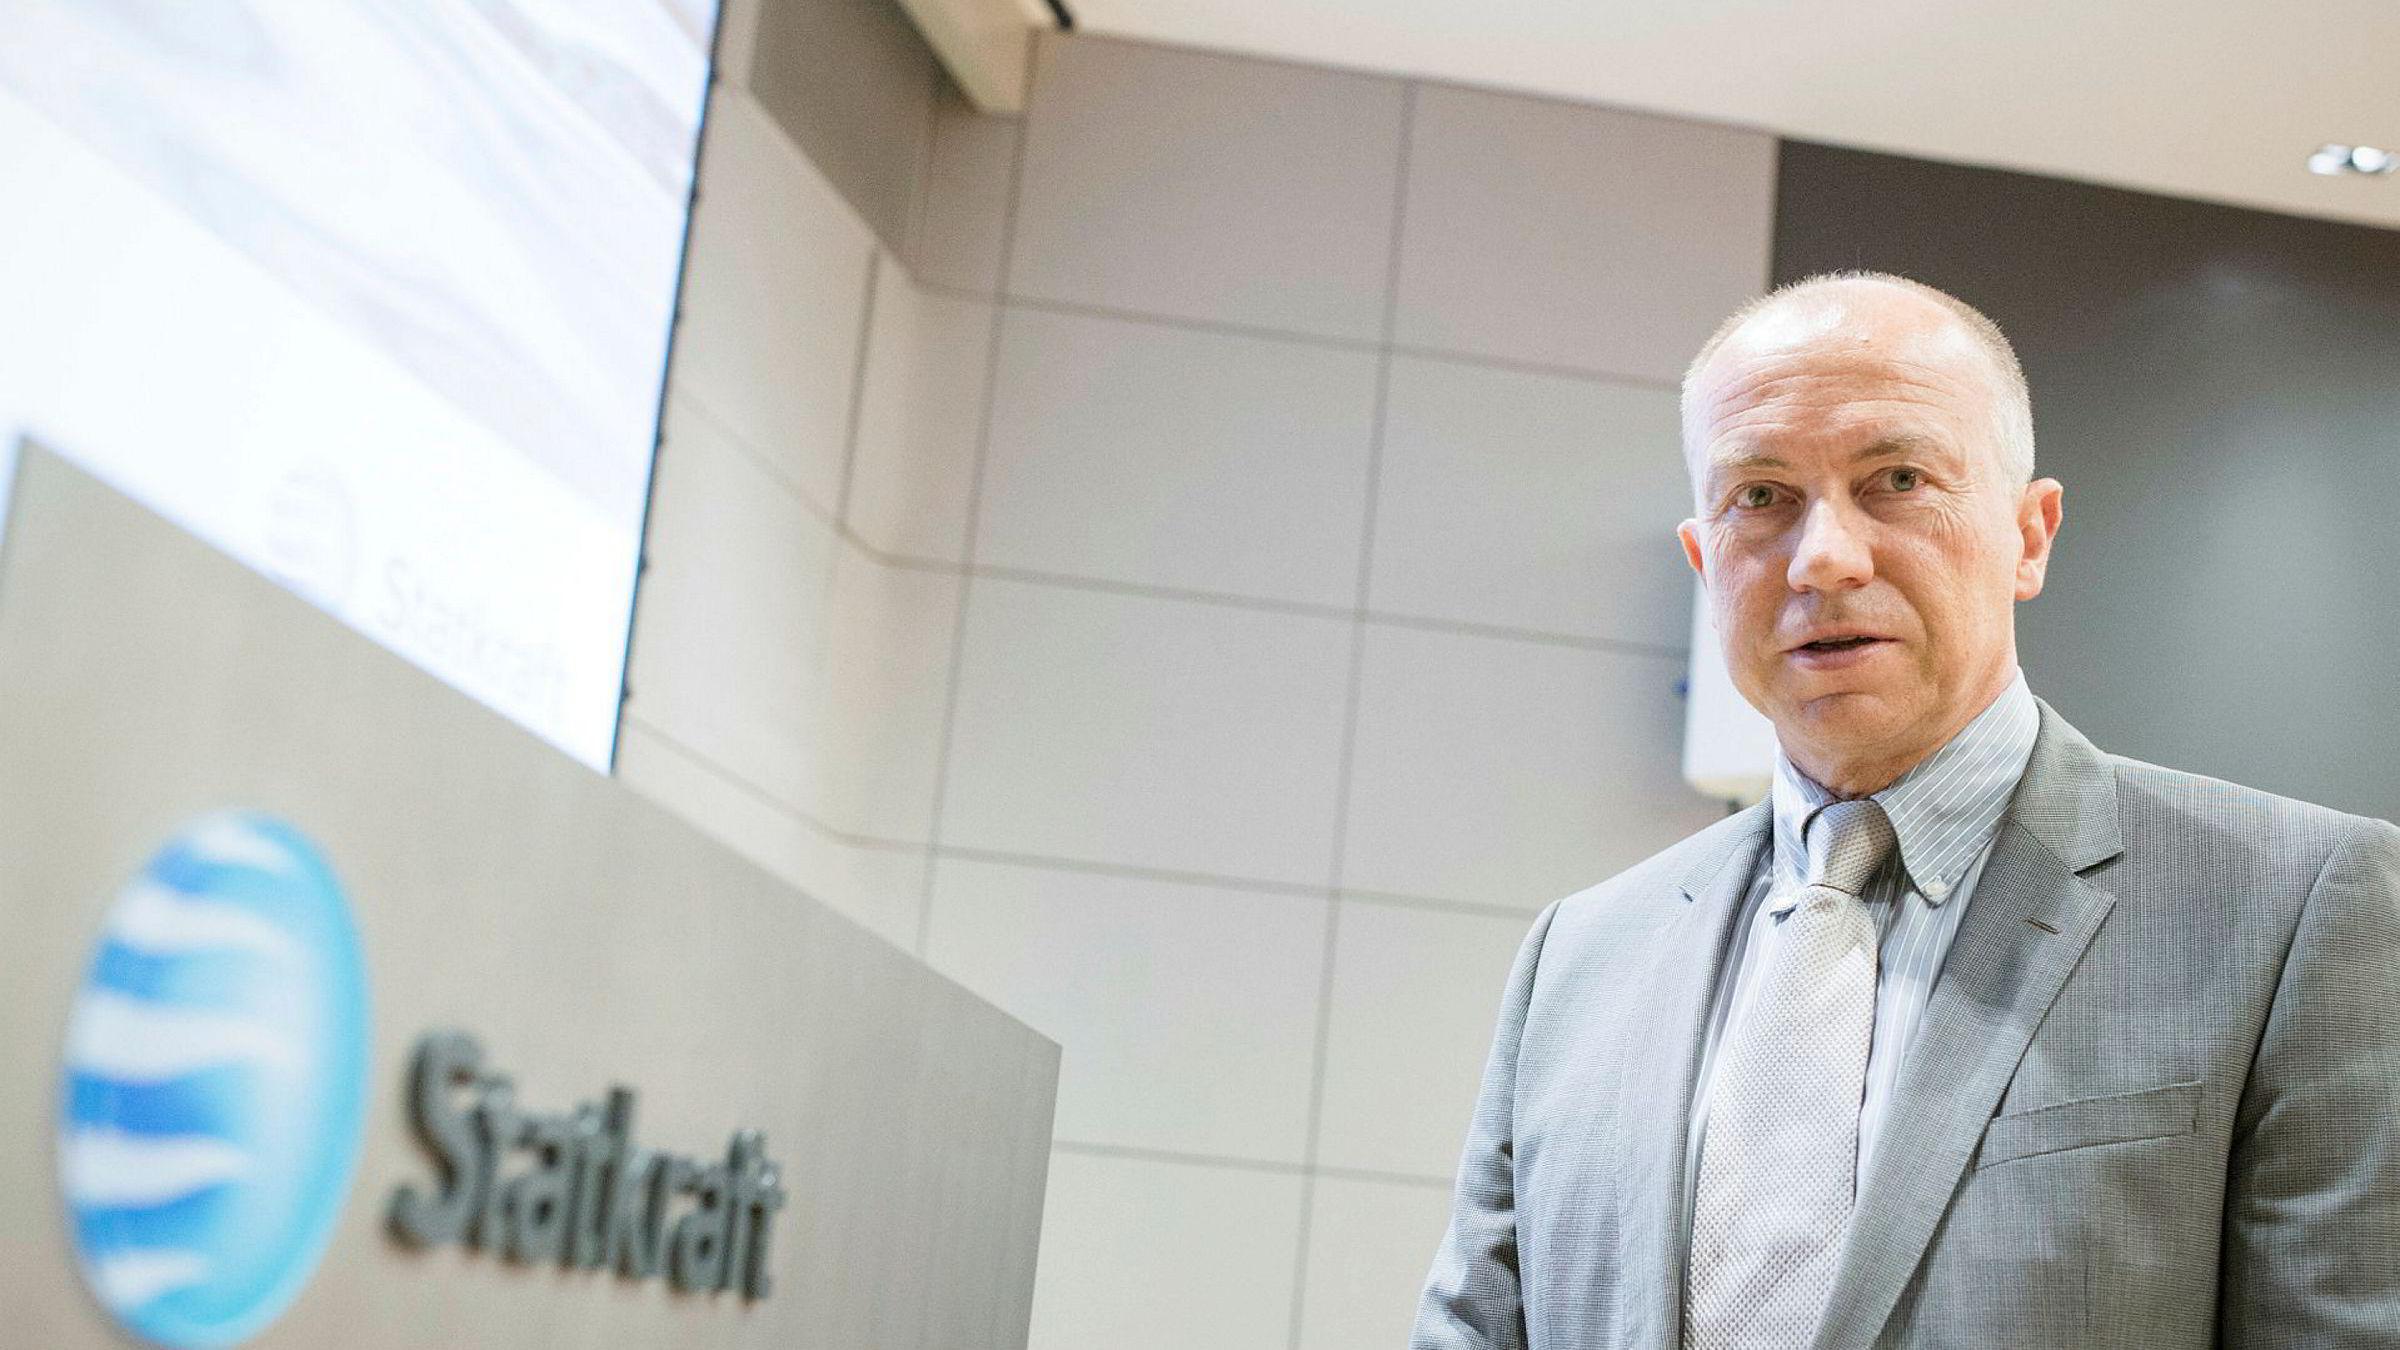 Konsernsjef Christian Rynning-Tønnesen i Statkraft er fornøyd med resultatene.